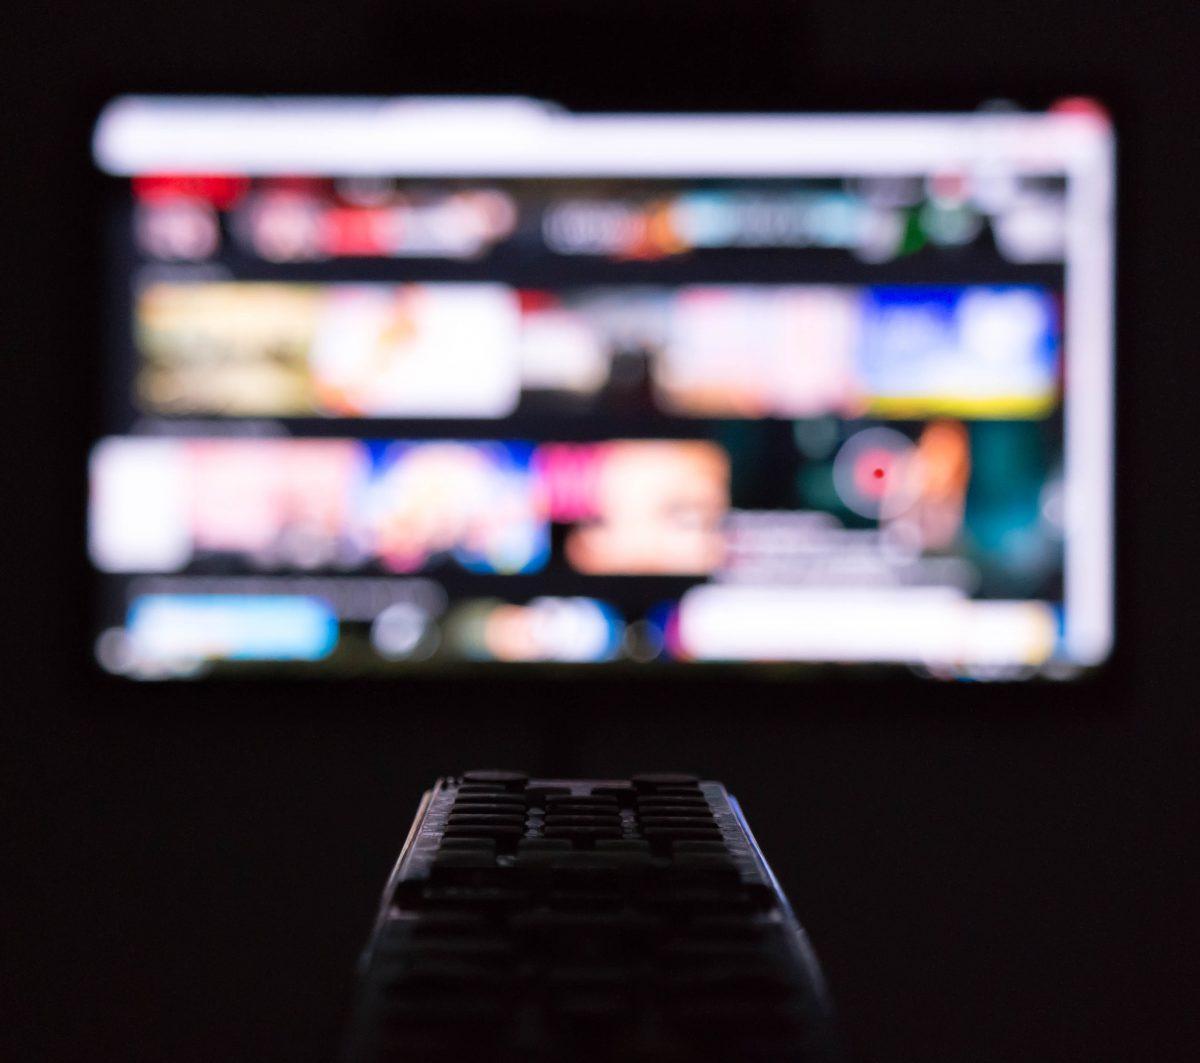 Rekordhøy liking for reklame under koronakrisen